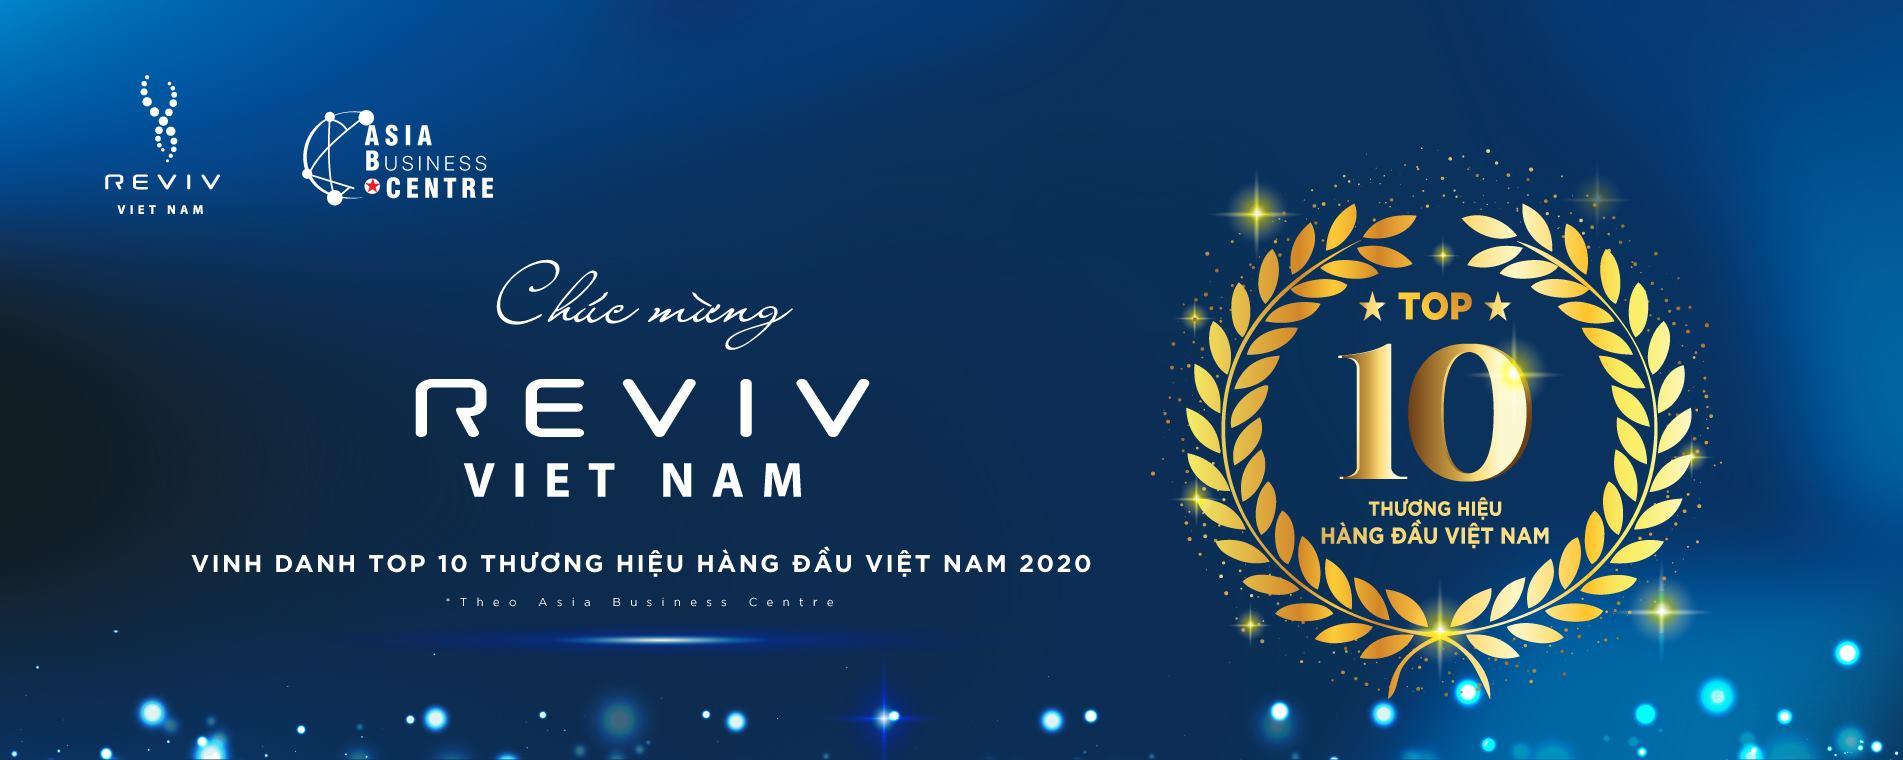 """REVIV Vietnam được vinh danh trong lễ công bố """"Top 10 Thương hiệu tốt nhất Việt Nam 2020"""""""